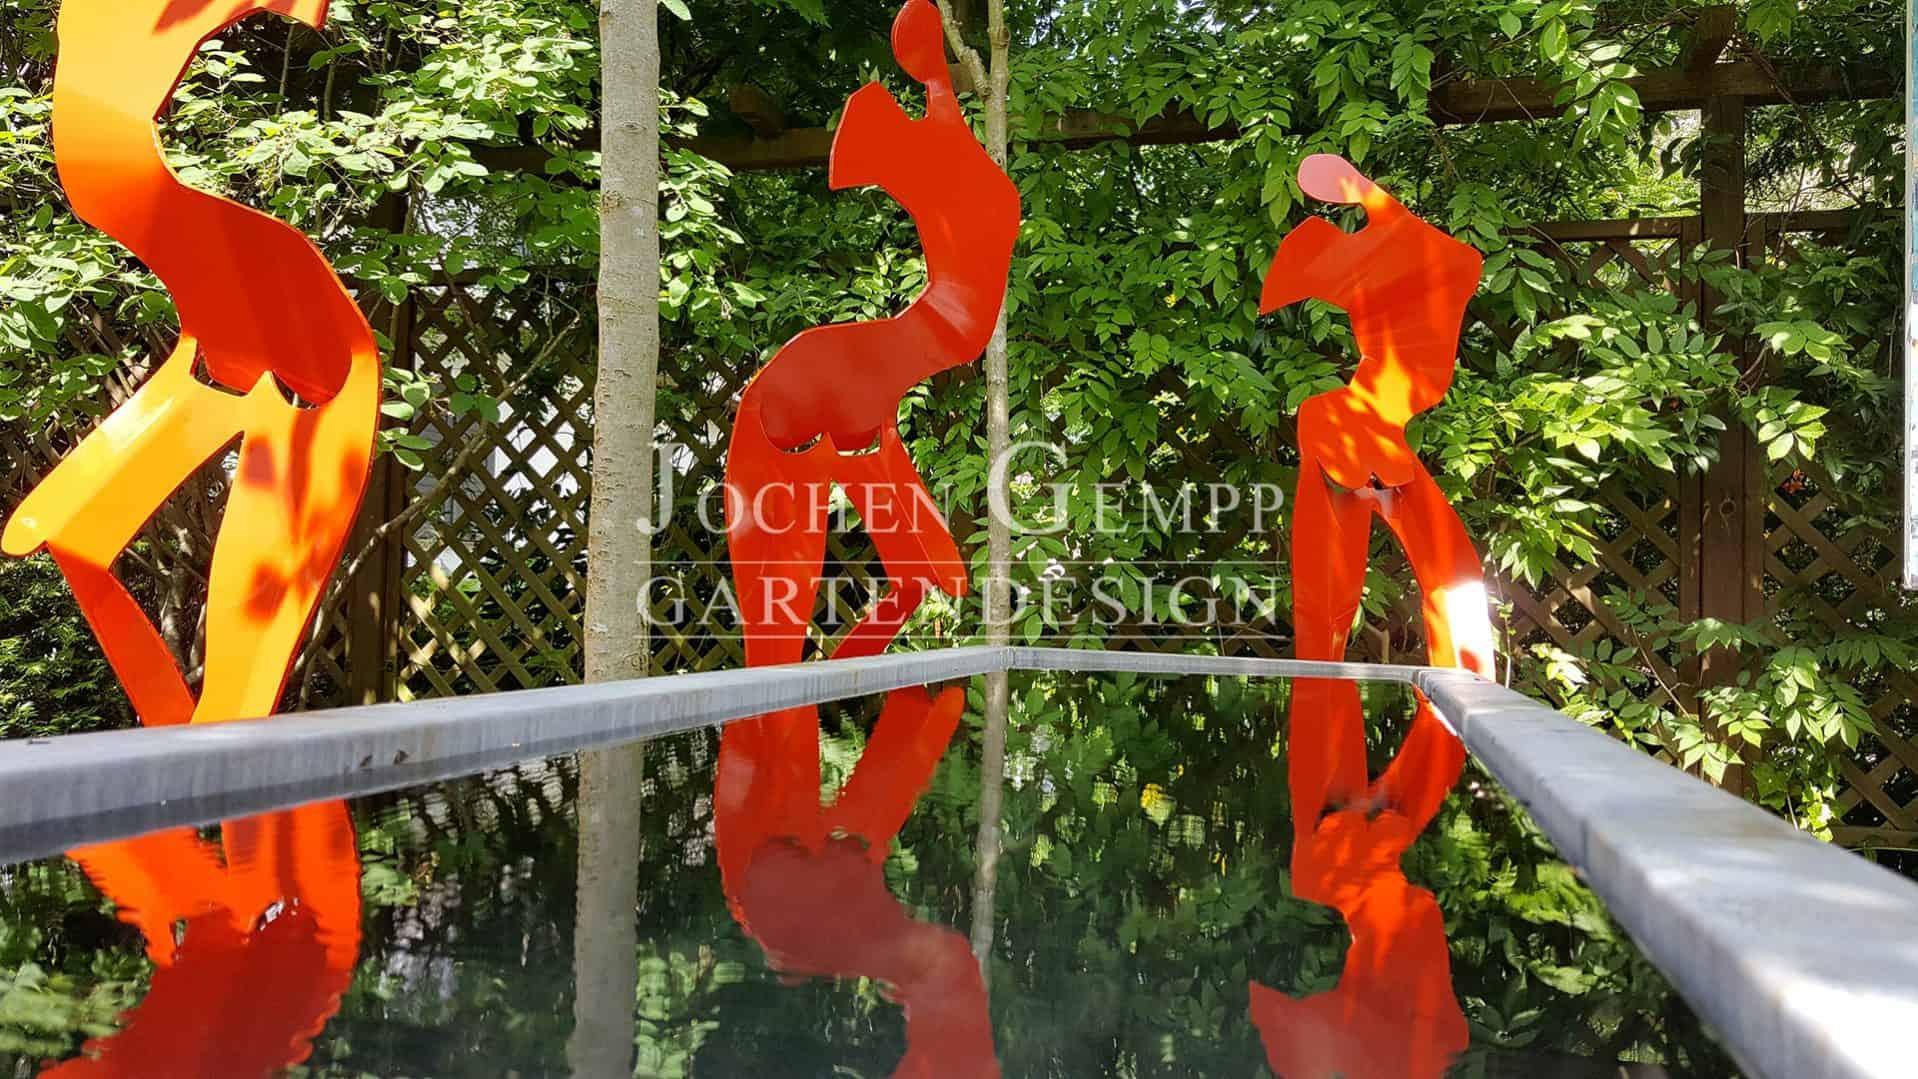 Full Size of Eisenskulpturen Für Den Garten Moderne Und Stilvolle Gartenskulpturen Gempp Gartendesign Fliesen Küche Ecksofa Hängesessel Kugelleuchte Led Spot Wohnzimmer Eisenskulpturen Für Den Garten